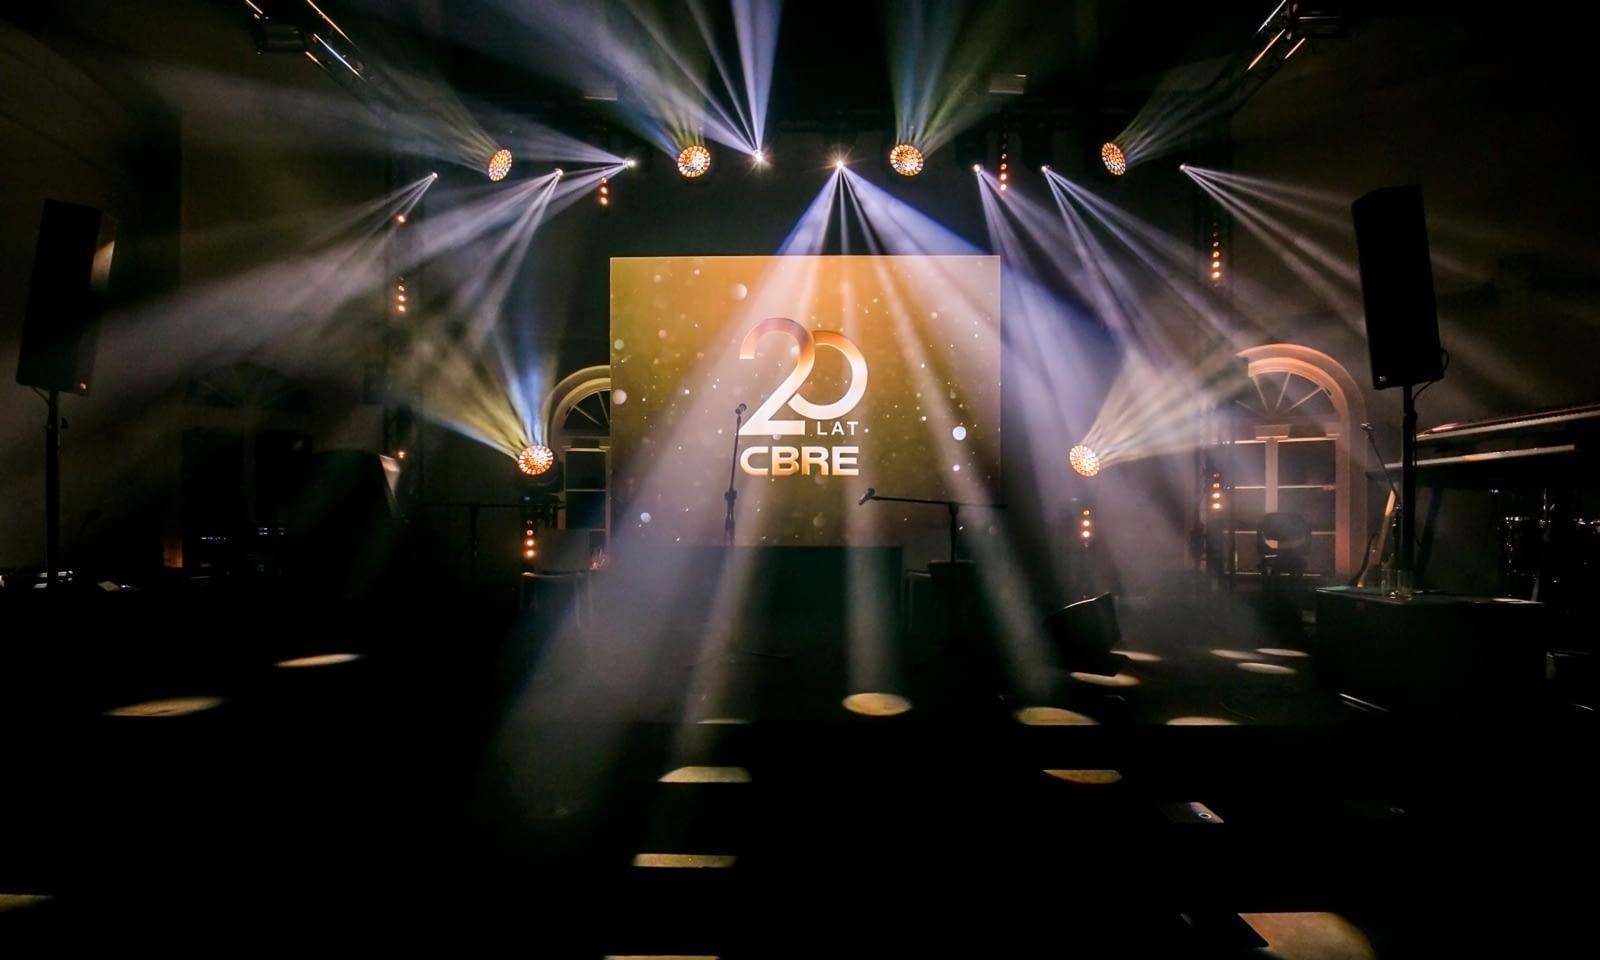 20-lecie CBRE 2019 Brill AV Media